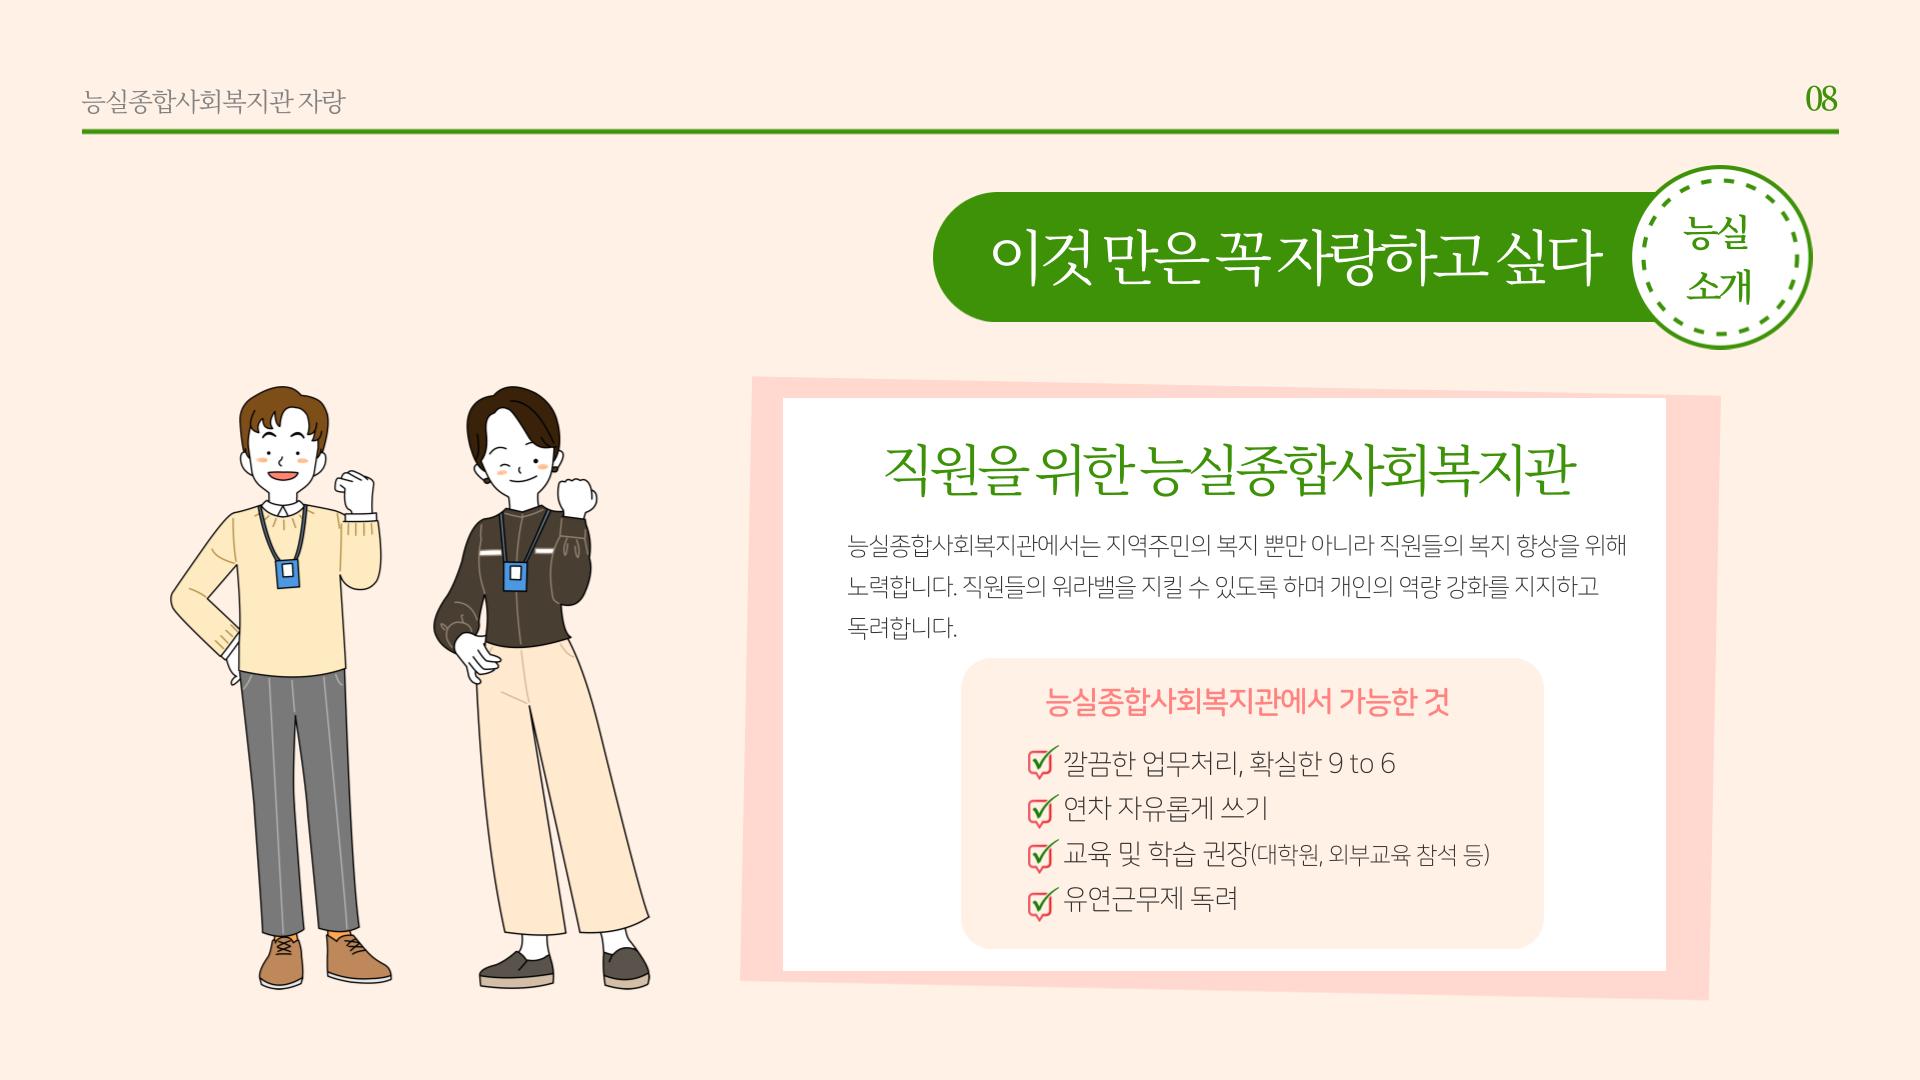 우복소_능실종합사회복지관-8.png